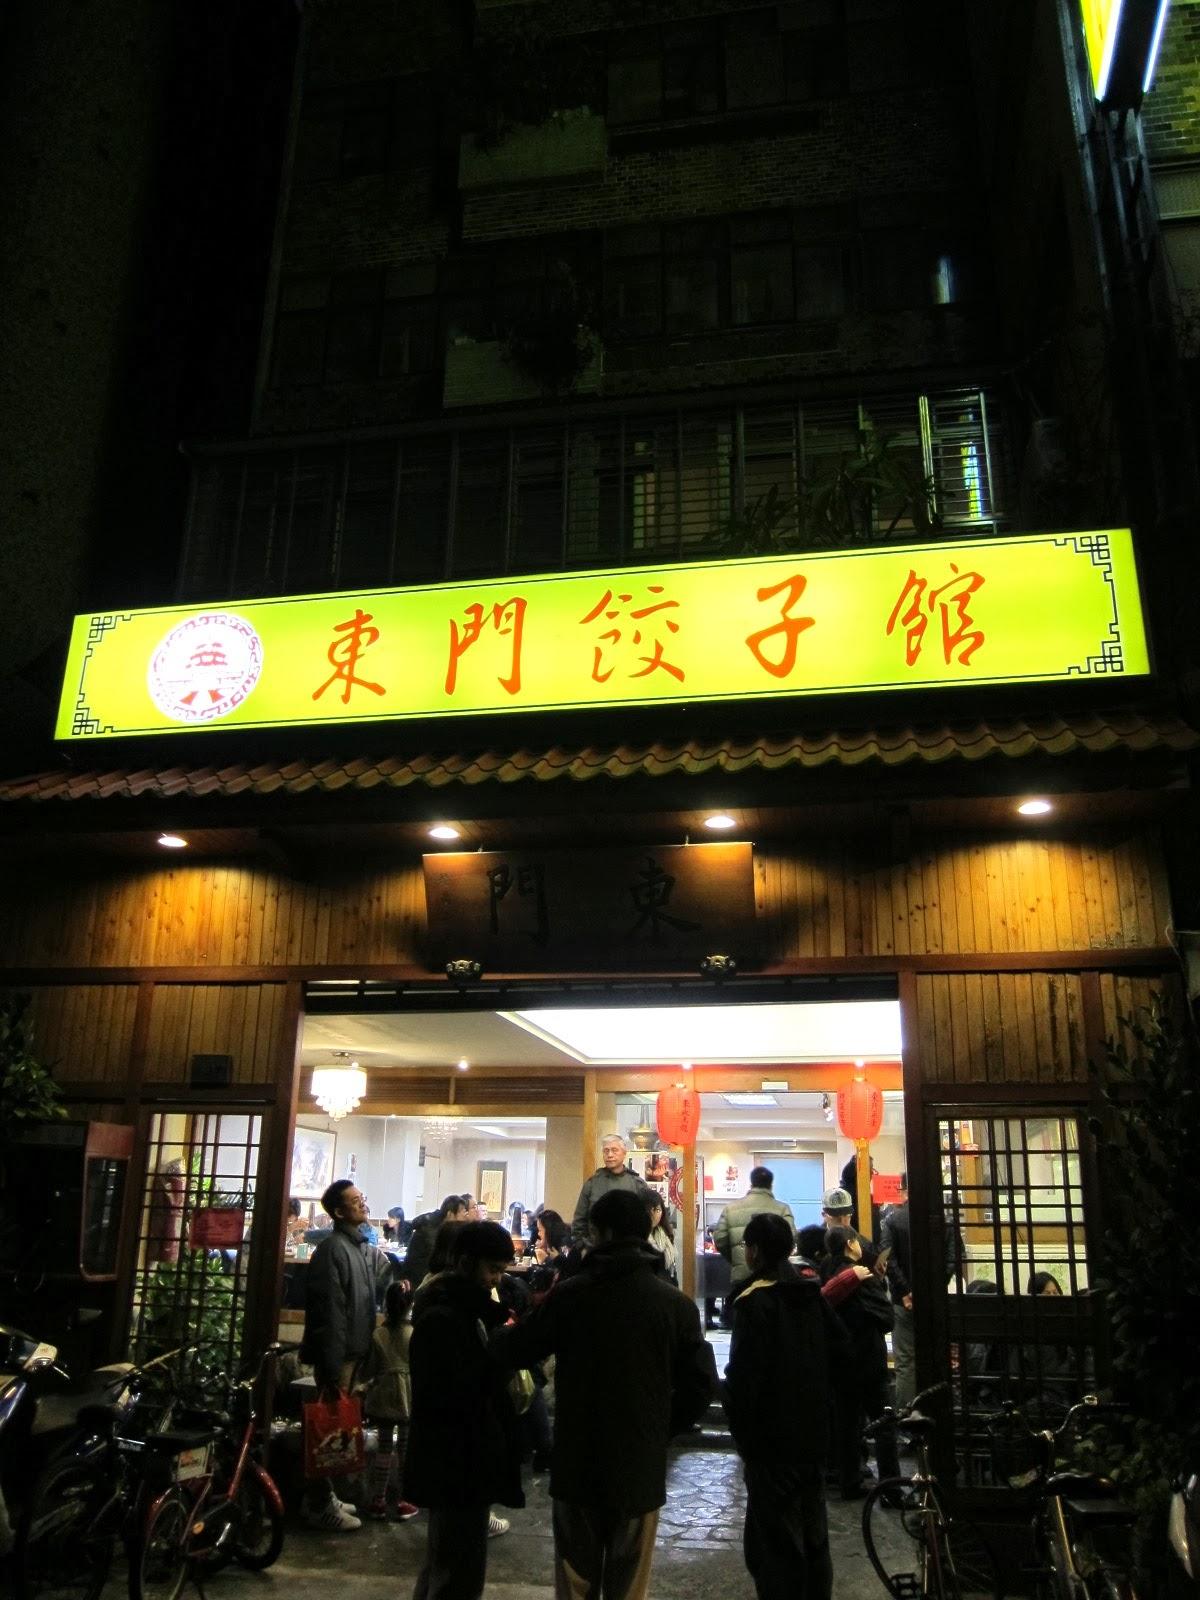 絲黛小姐 S: 【臺北 大安 / 東門餃子館 三訪】終於吃到酸菜白肉鍋!